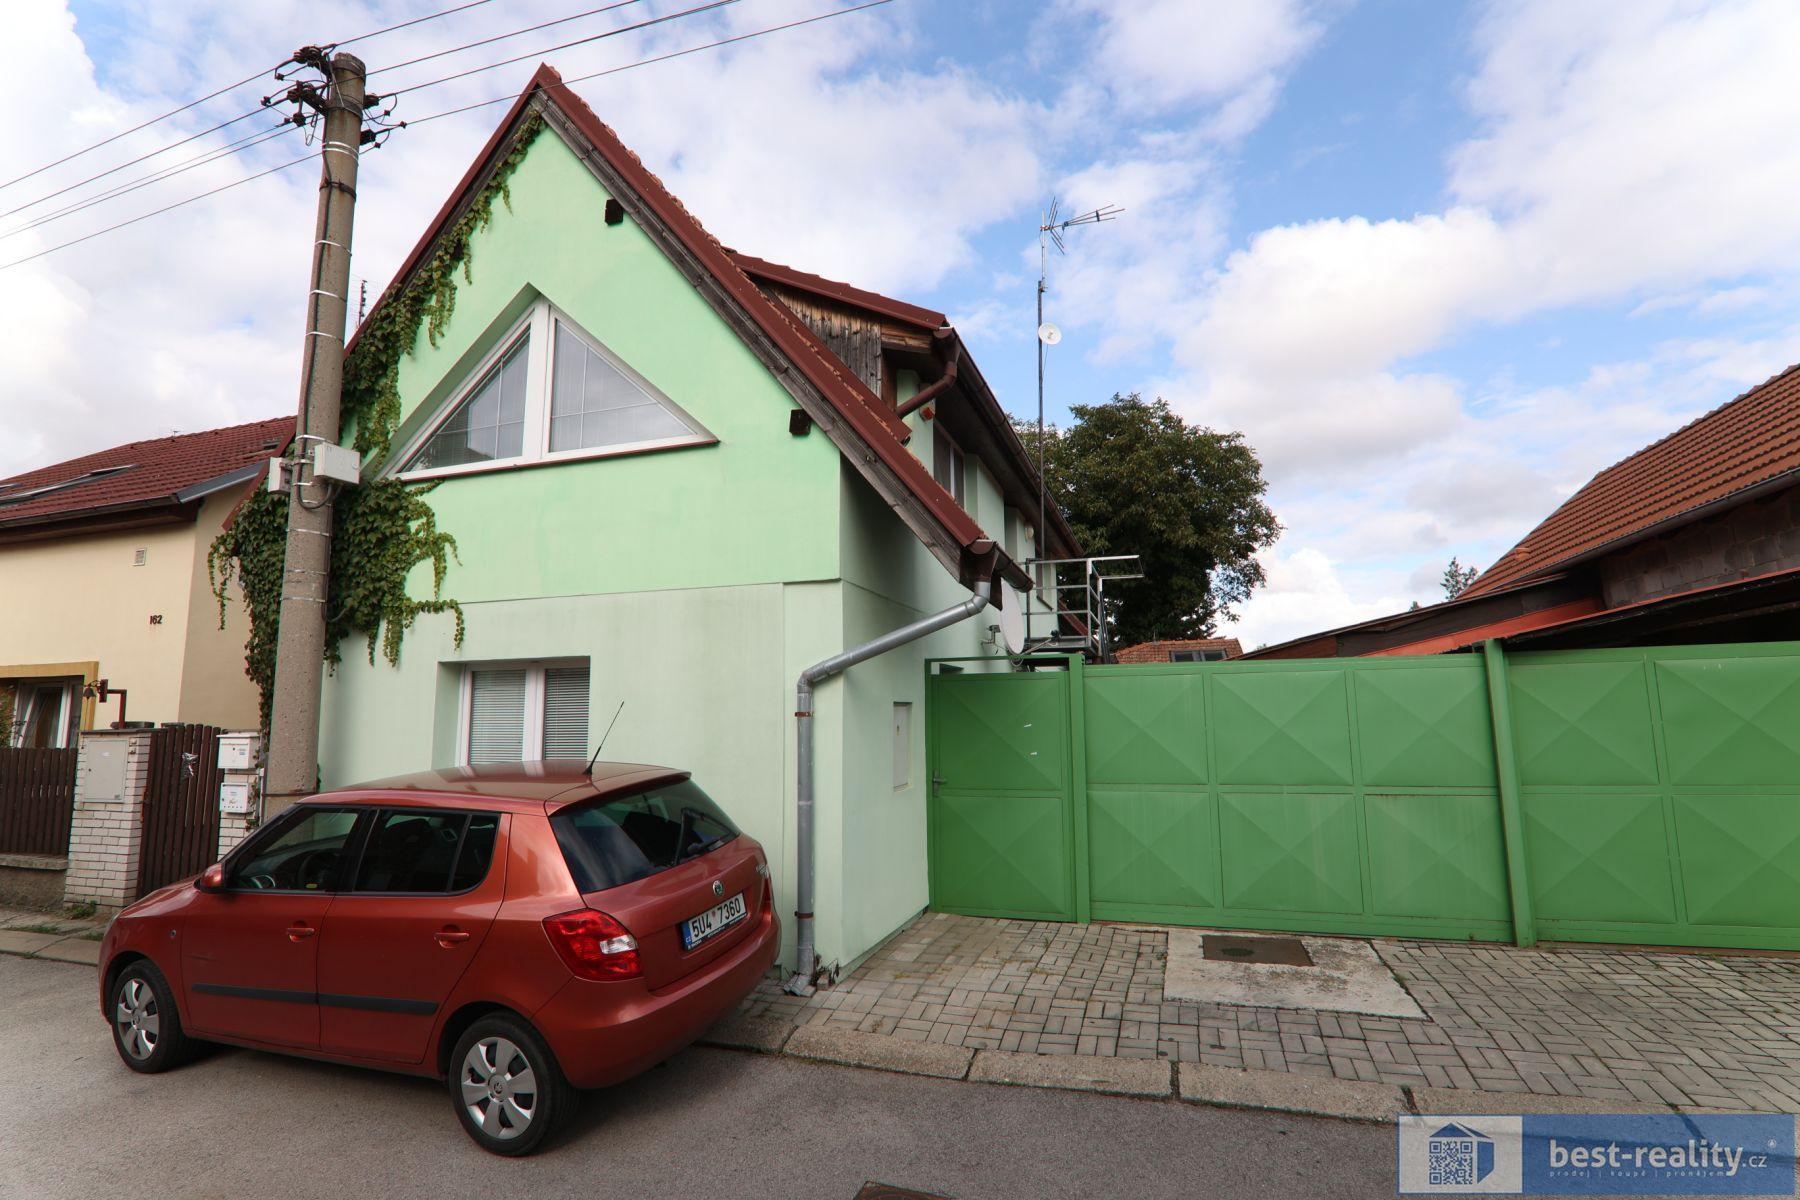 Rodinný dům v těsné blízkosti zámecké obory v obci Veltrusy